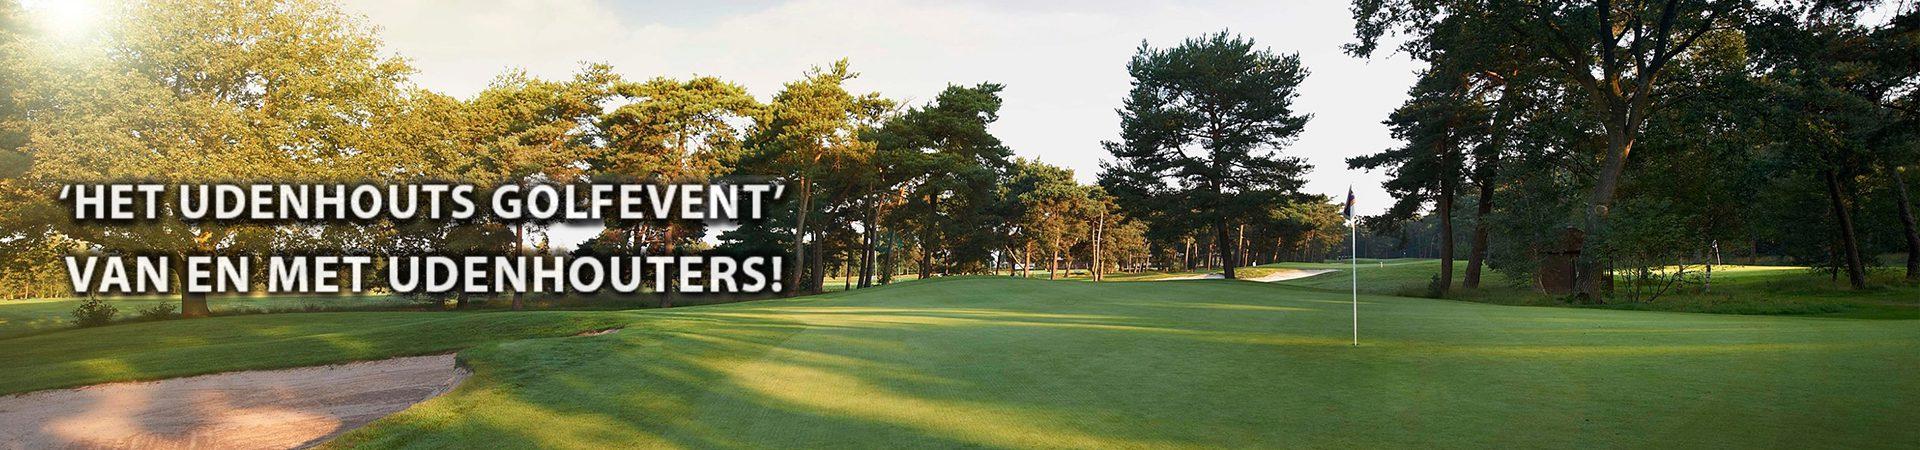 Udenhout Golft 1920x450 Slider 4